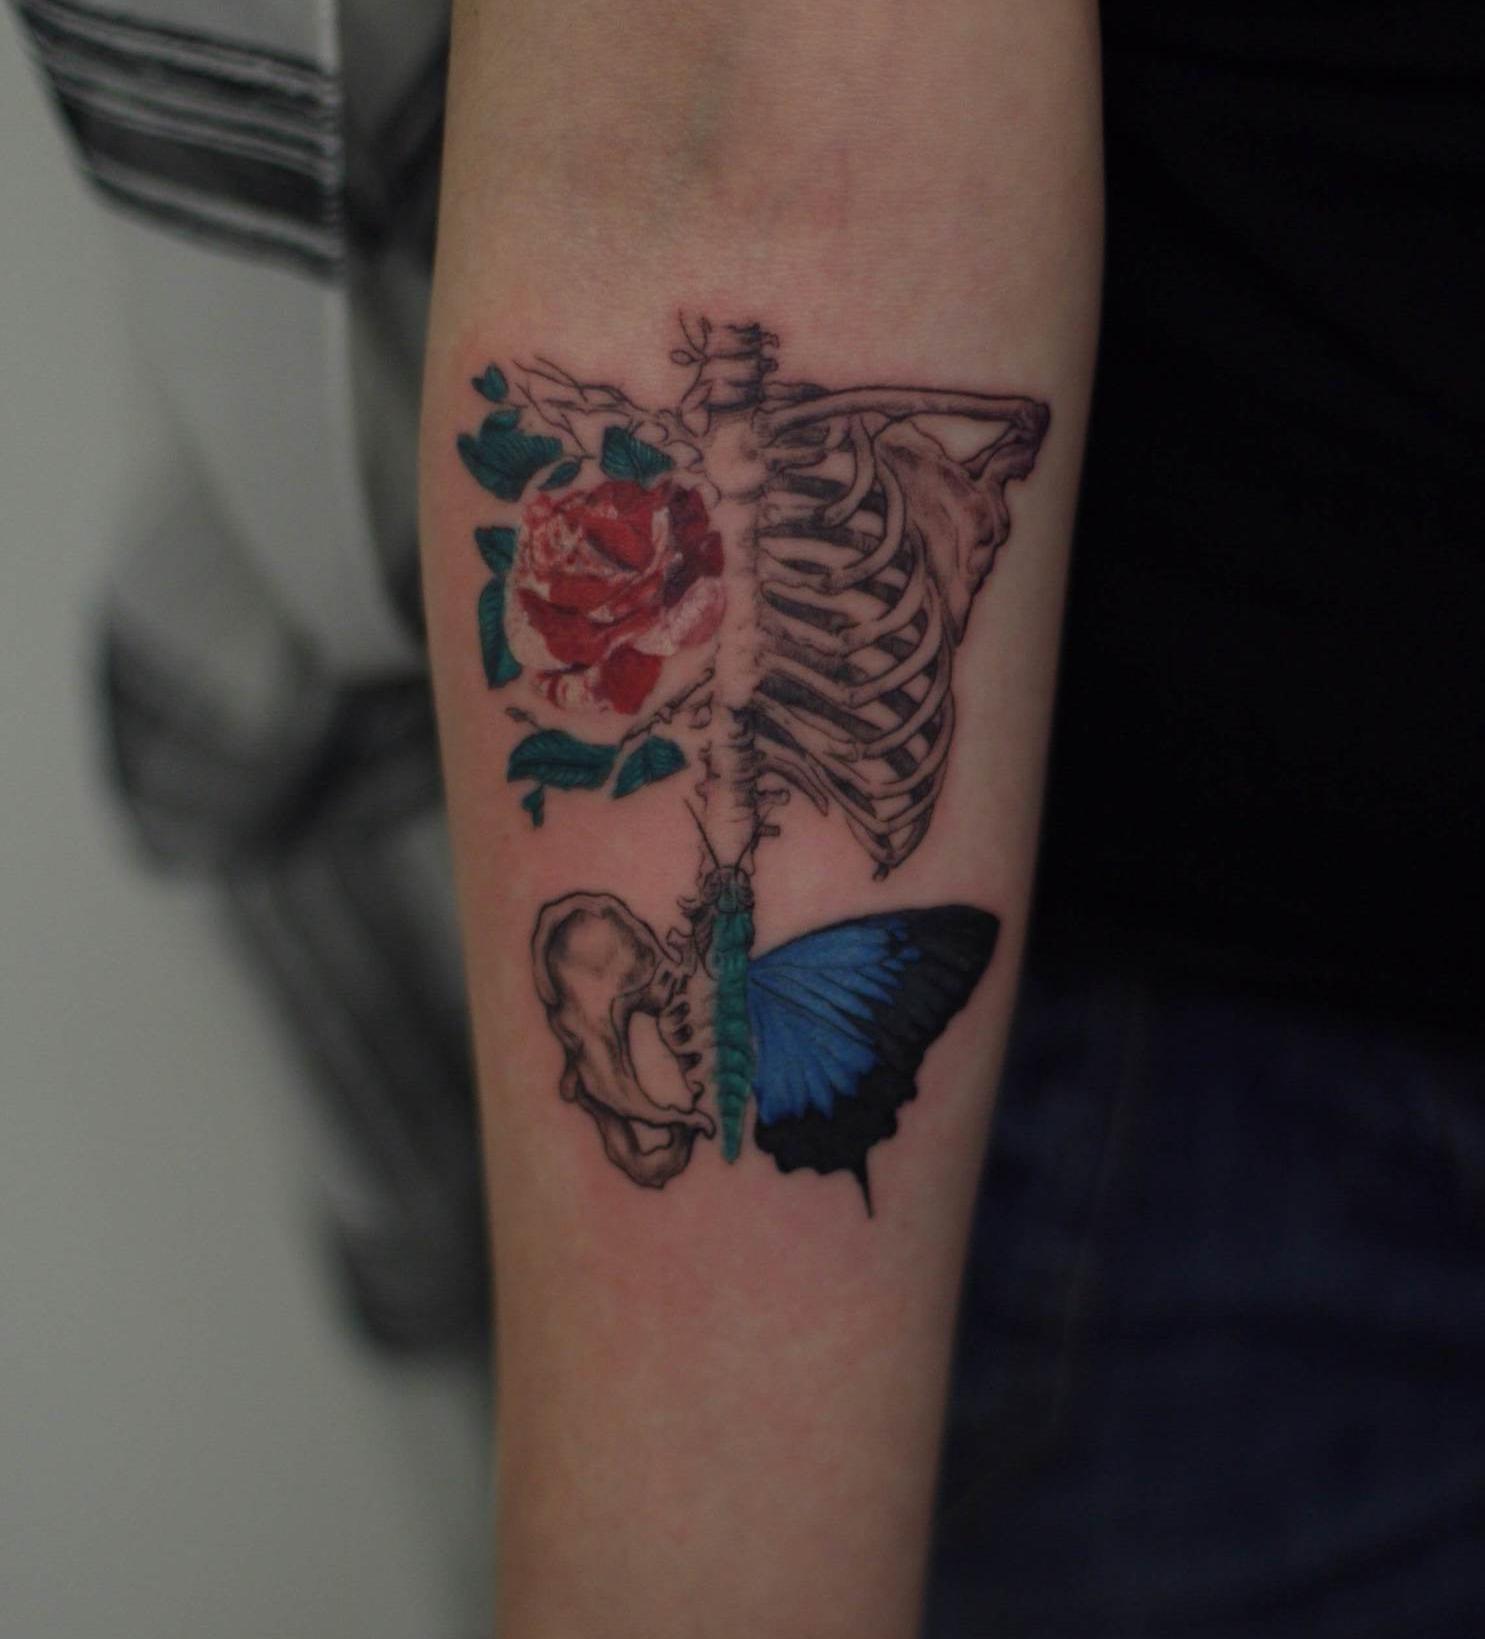 skeleton_tattoo_rose_blue_batterfly_realistic_single_needle_shading_hatching.JPG